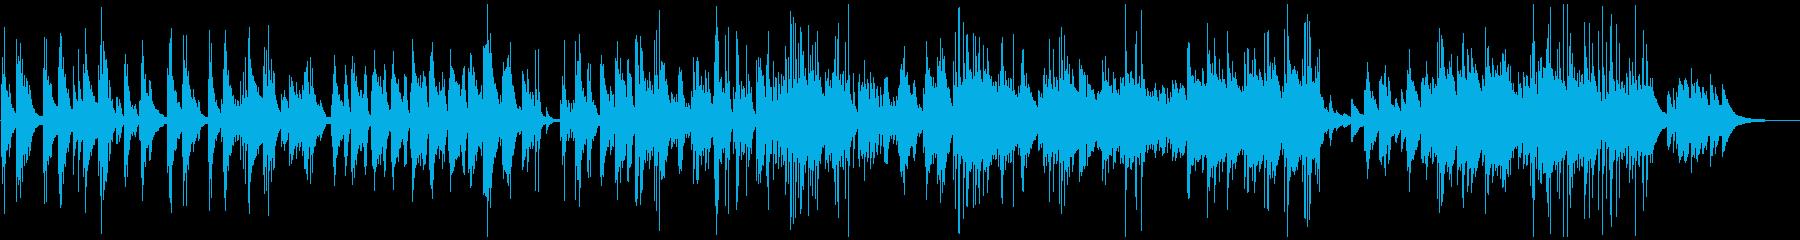 どこか切なく繊細なピアノバラードの再生済みの波形